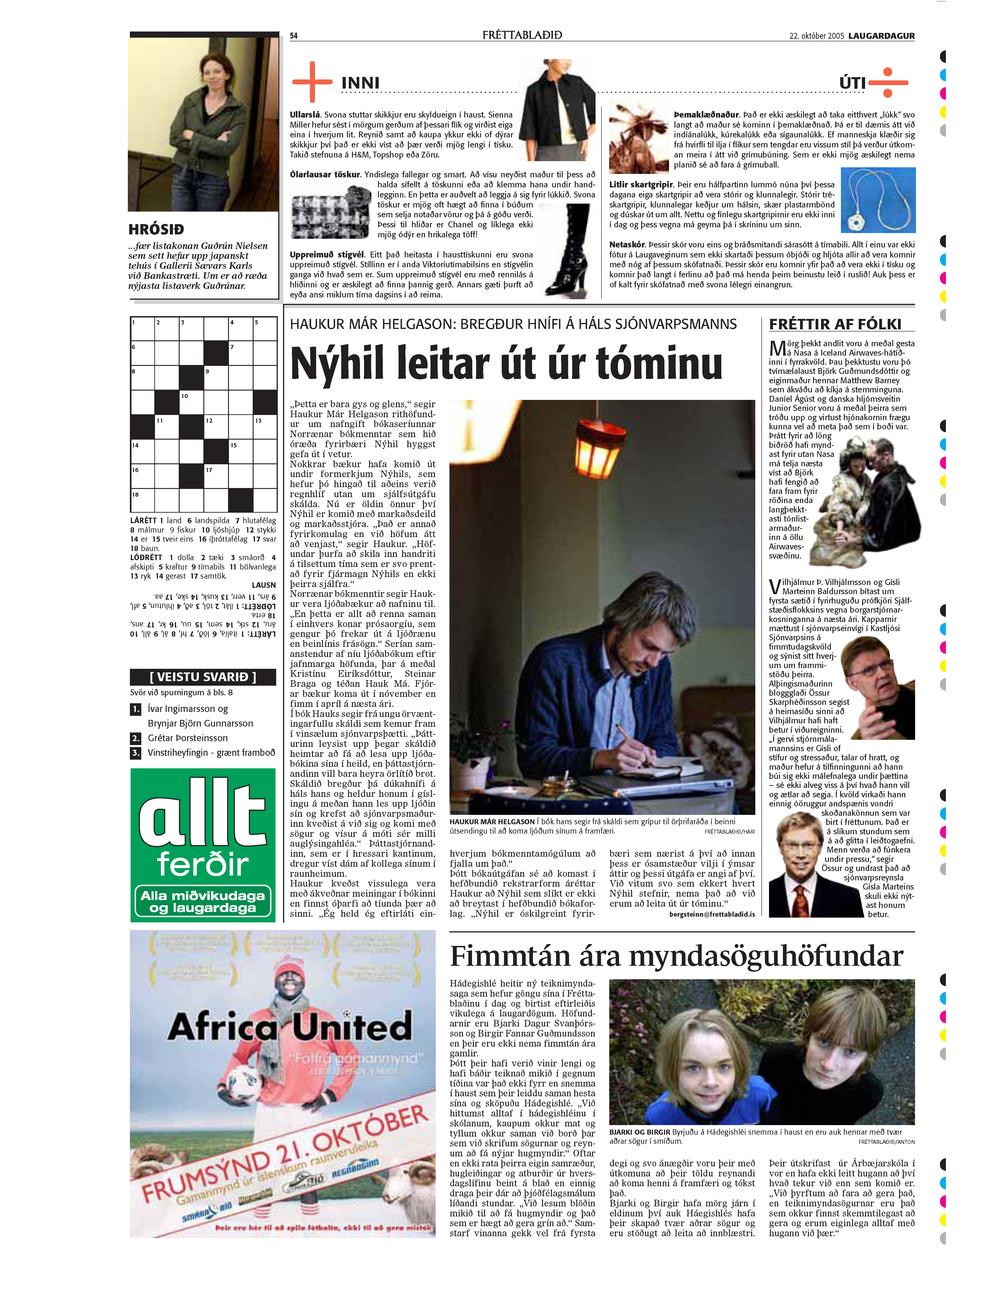 Hrósið Fréttablaðið 22.okt 2005 copy.jpg